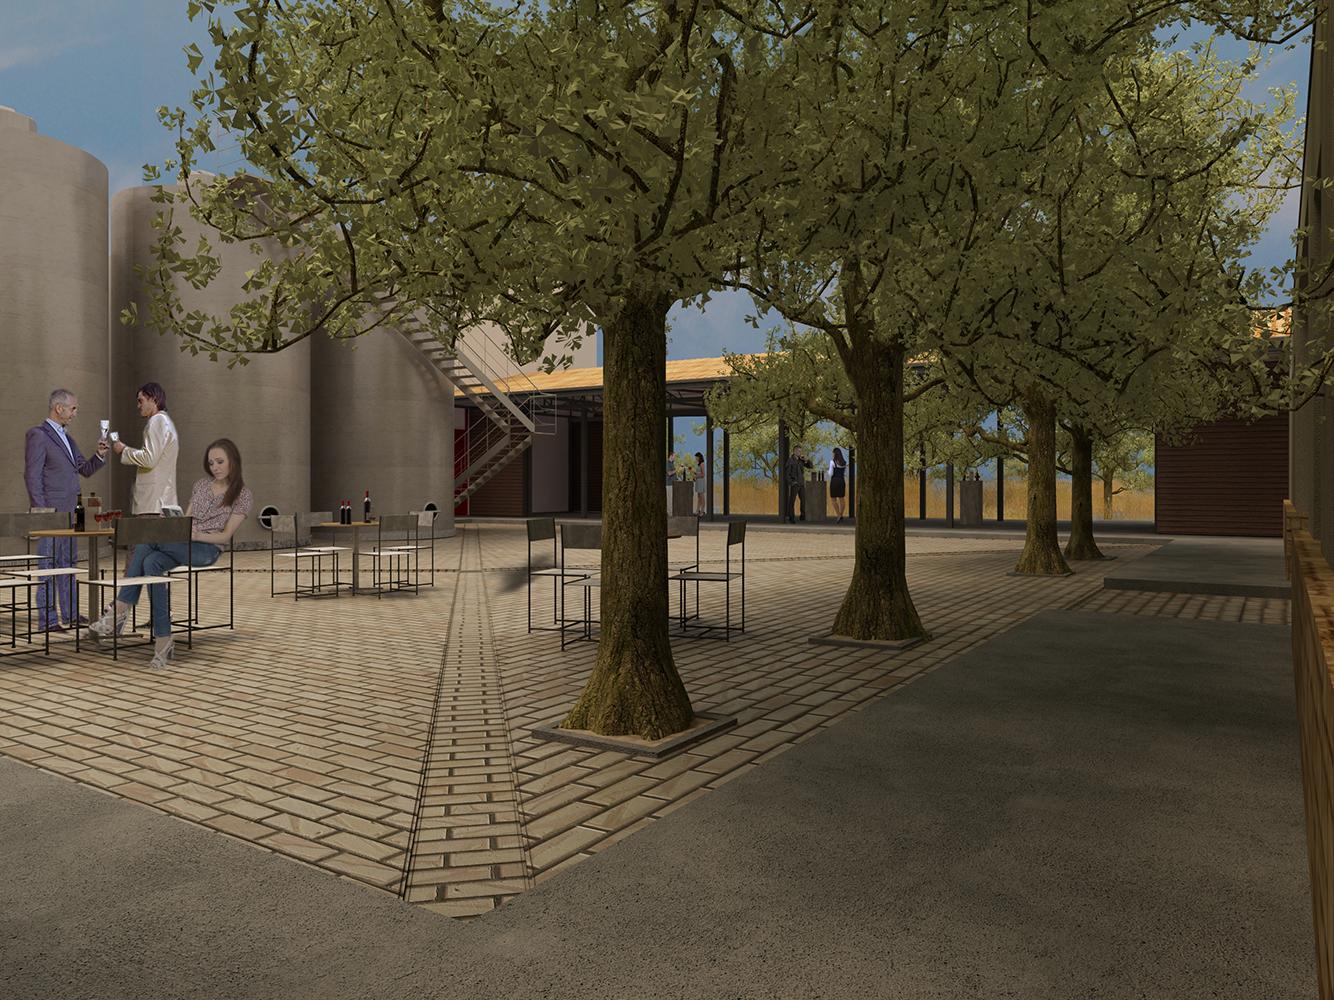 Kechirs winery's internal courtyard